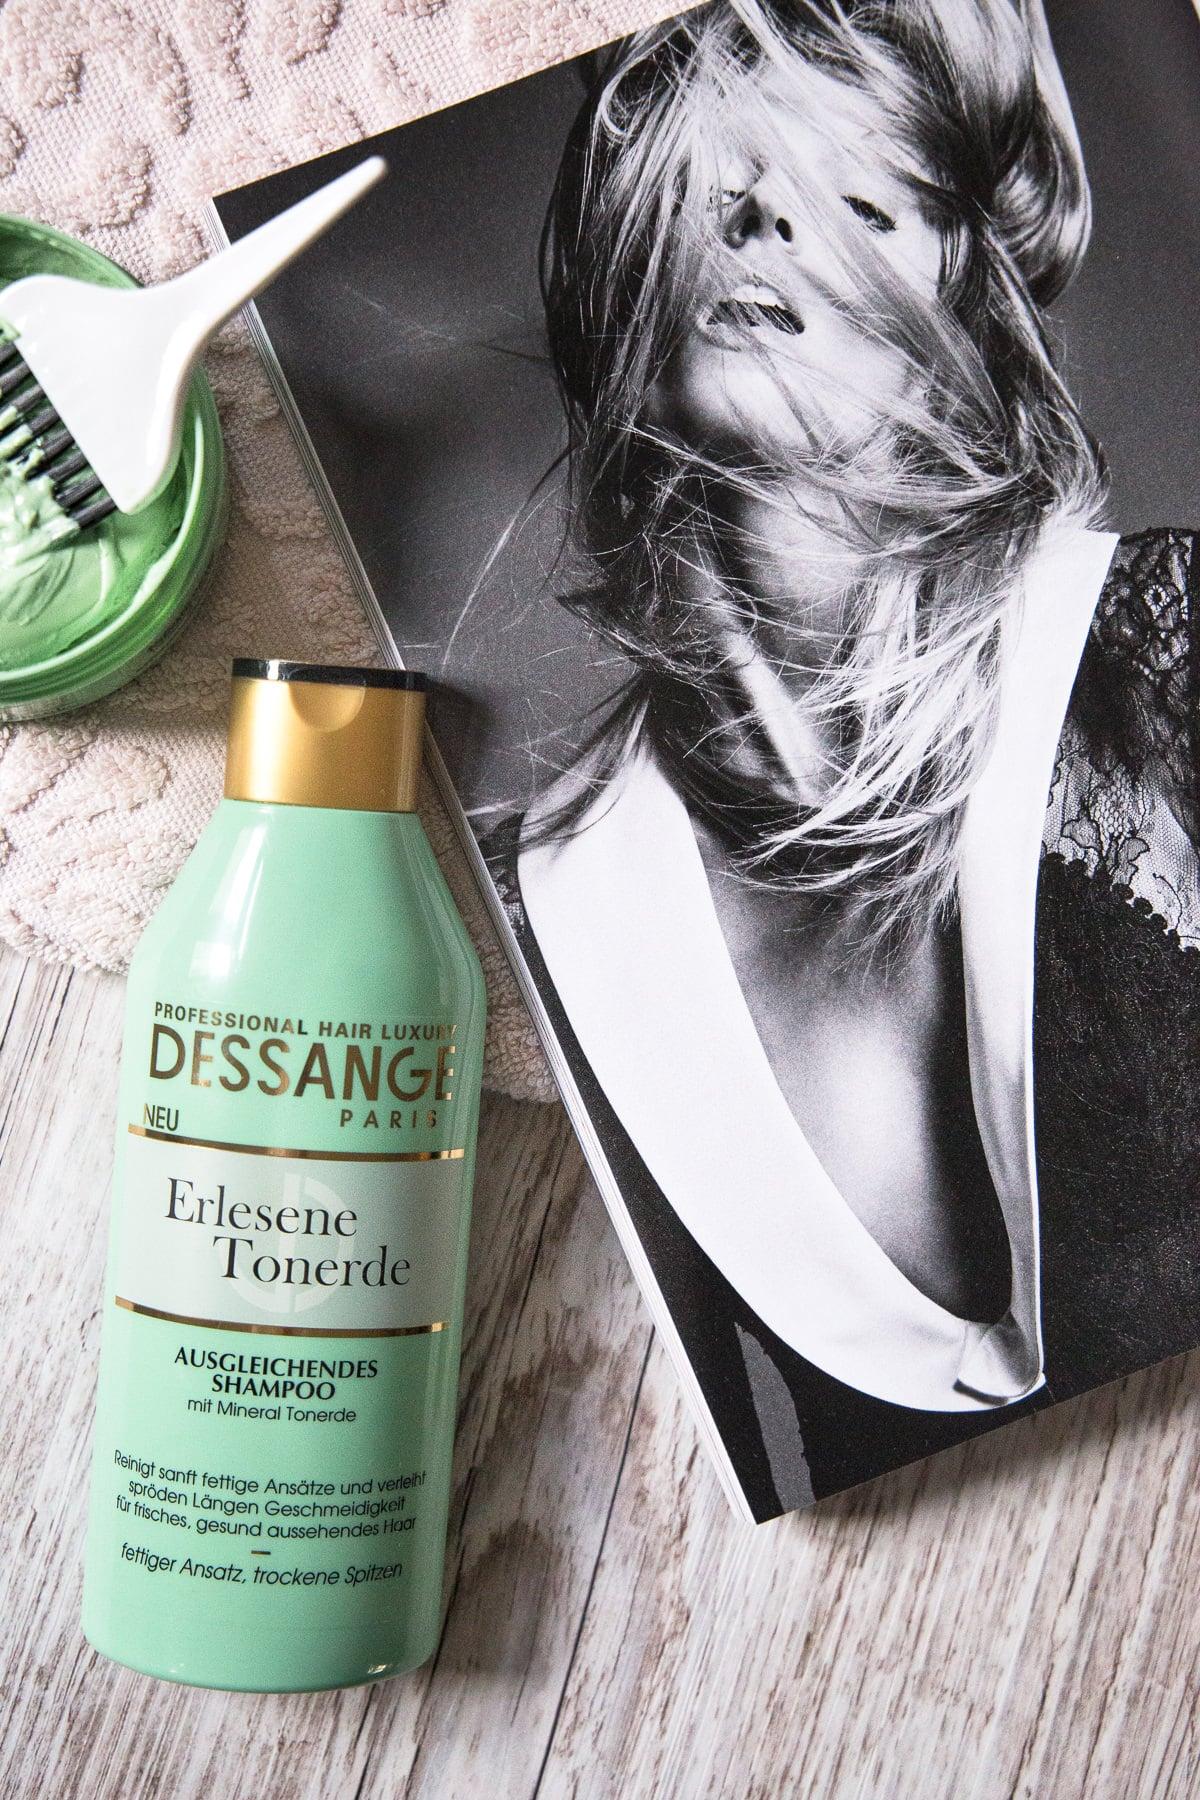 DESSANGE Professional Hair Luxury: Erlesene Tonerde im Test